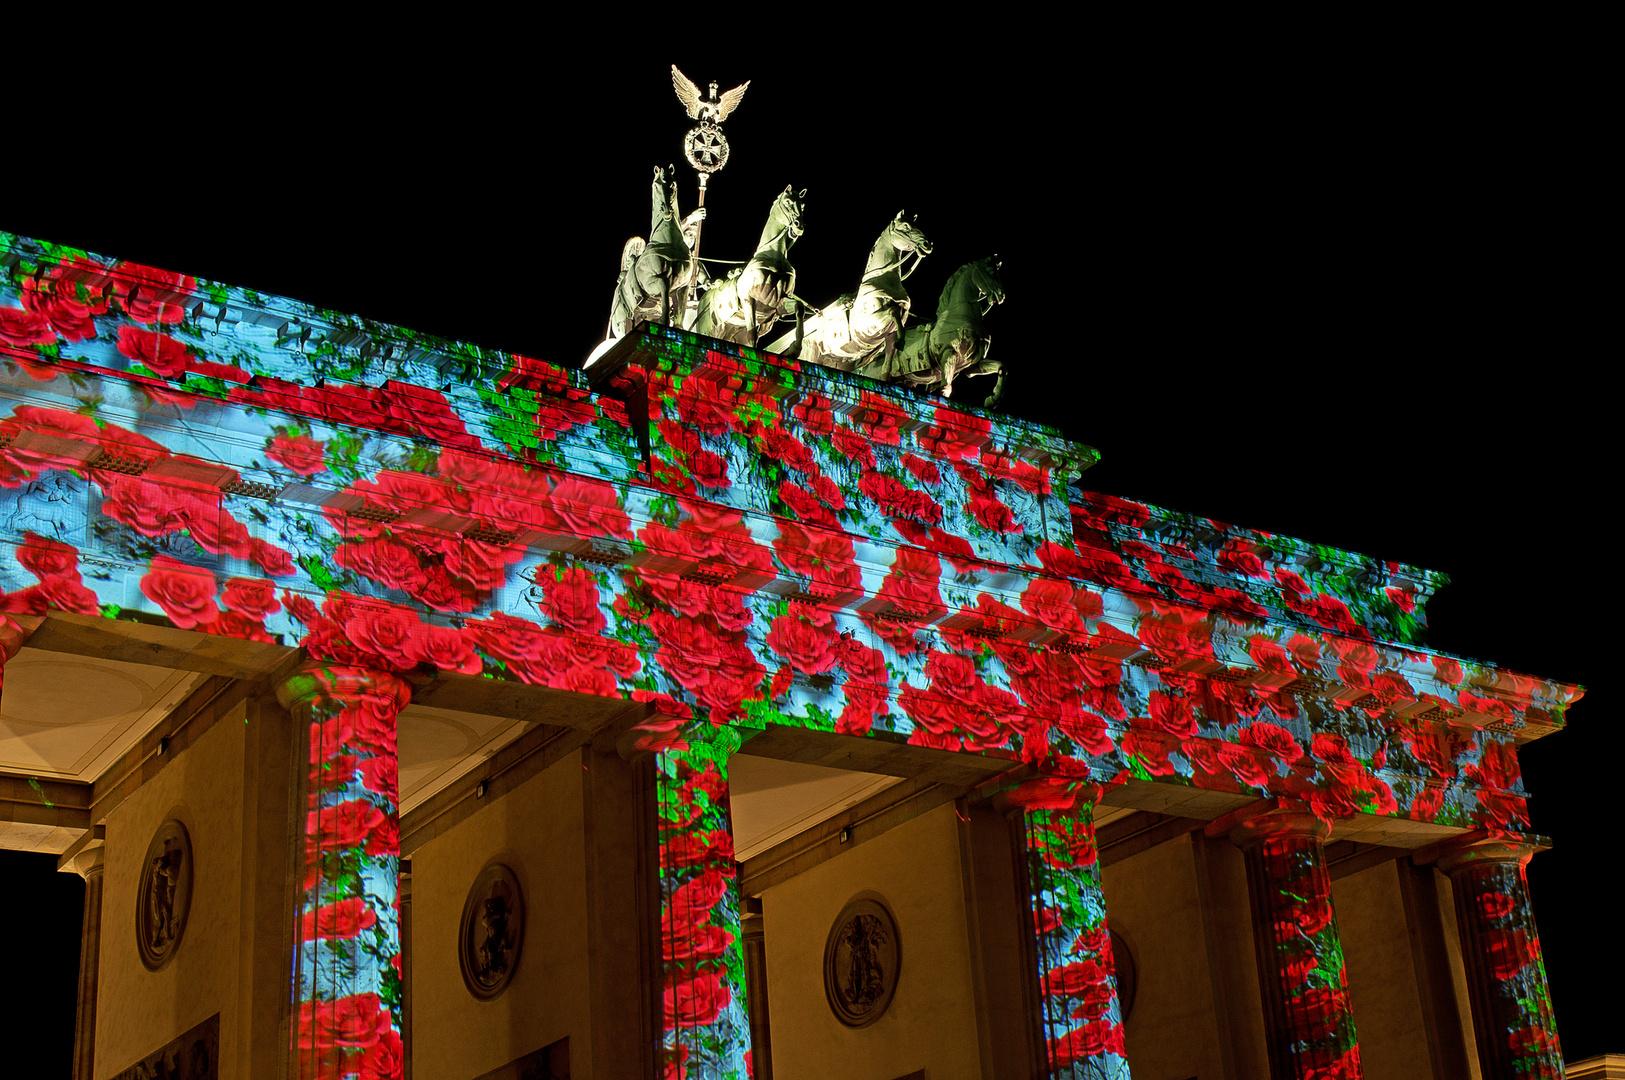 Festival of Lights - 2013 Brandenburger Tor